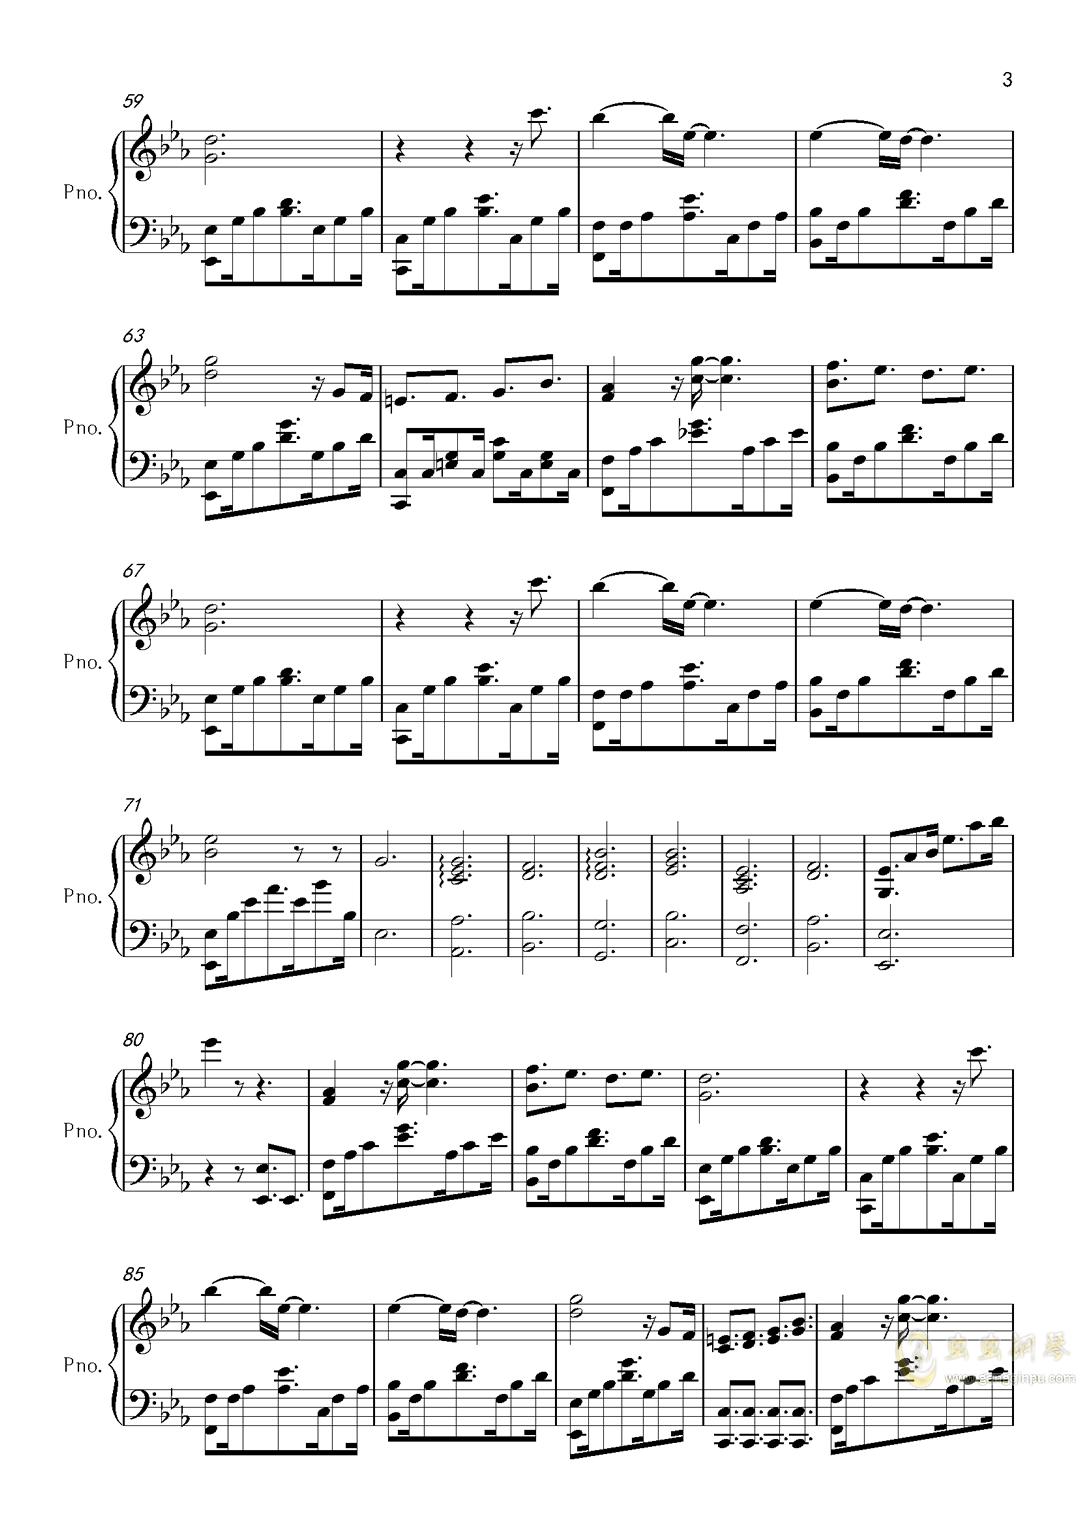 舒伯特玫瑰钢琴谱 第3页